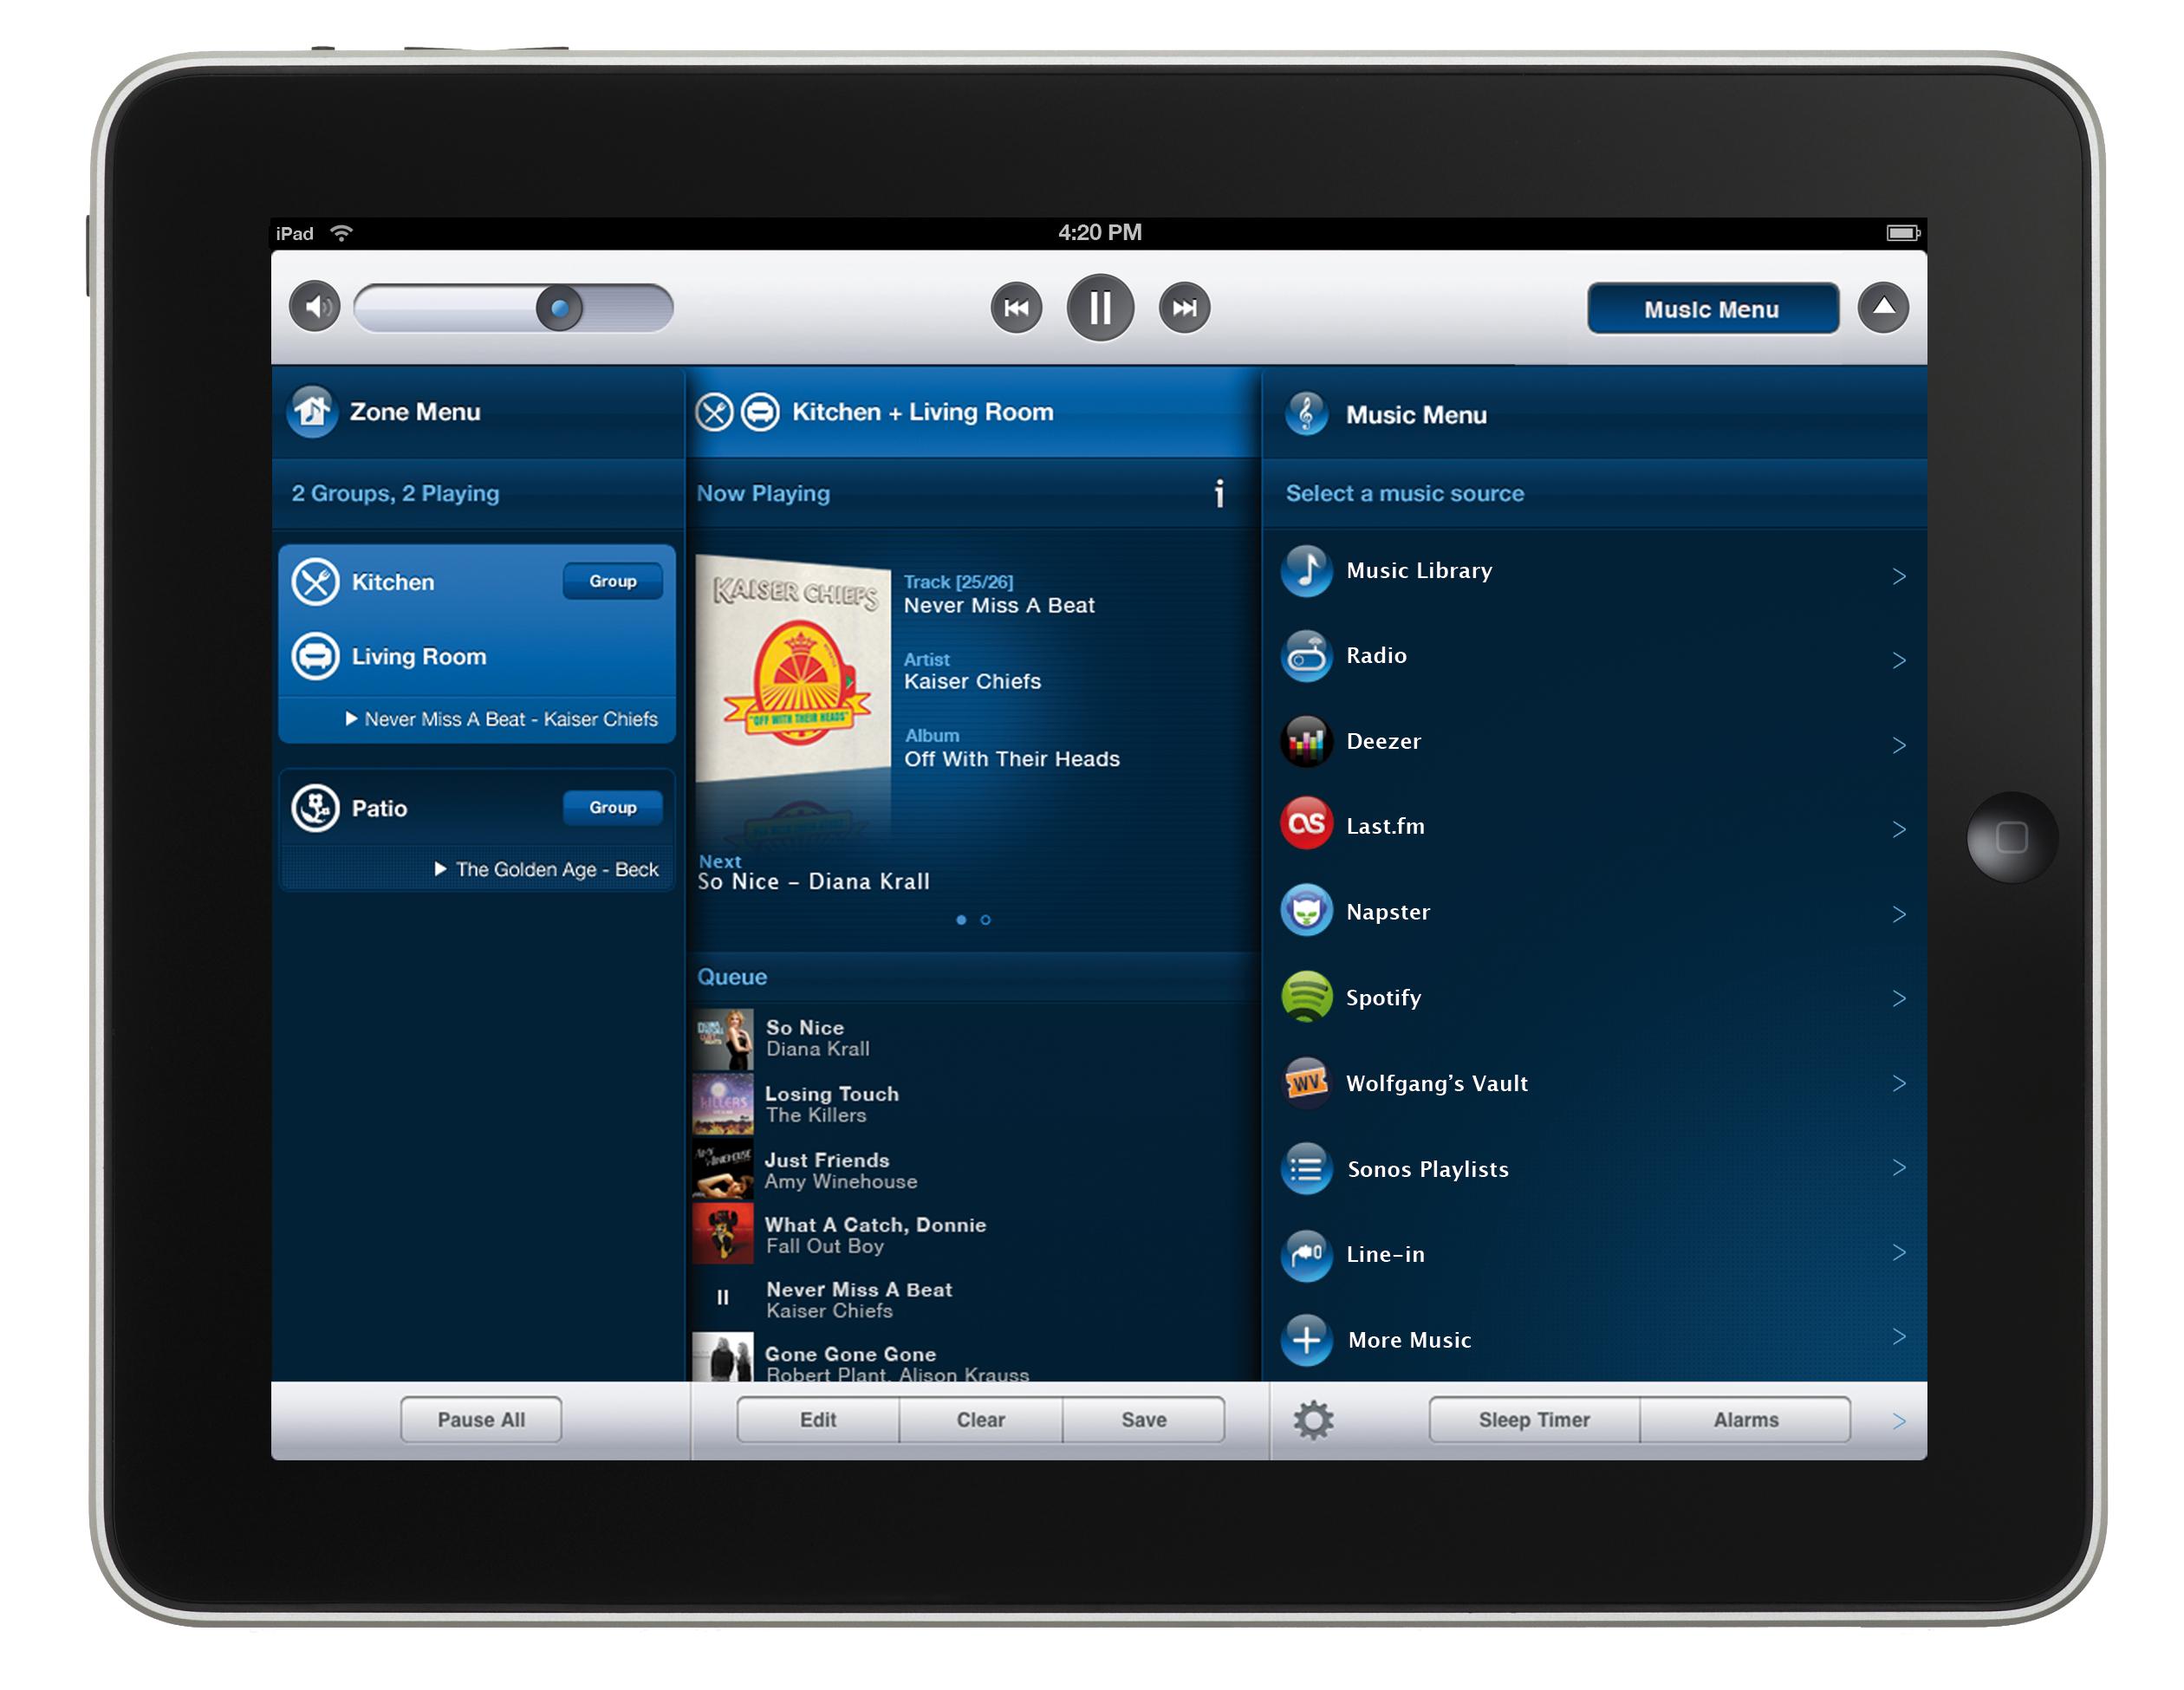 Die Apps für iPad, iPhone, iPod Touch und Android erlauben den günstigen Einstieg